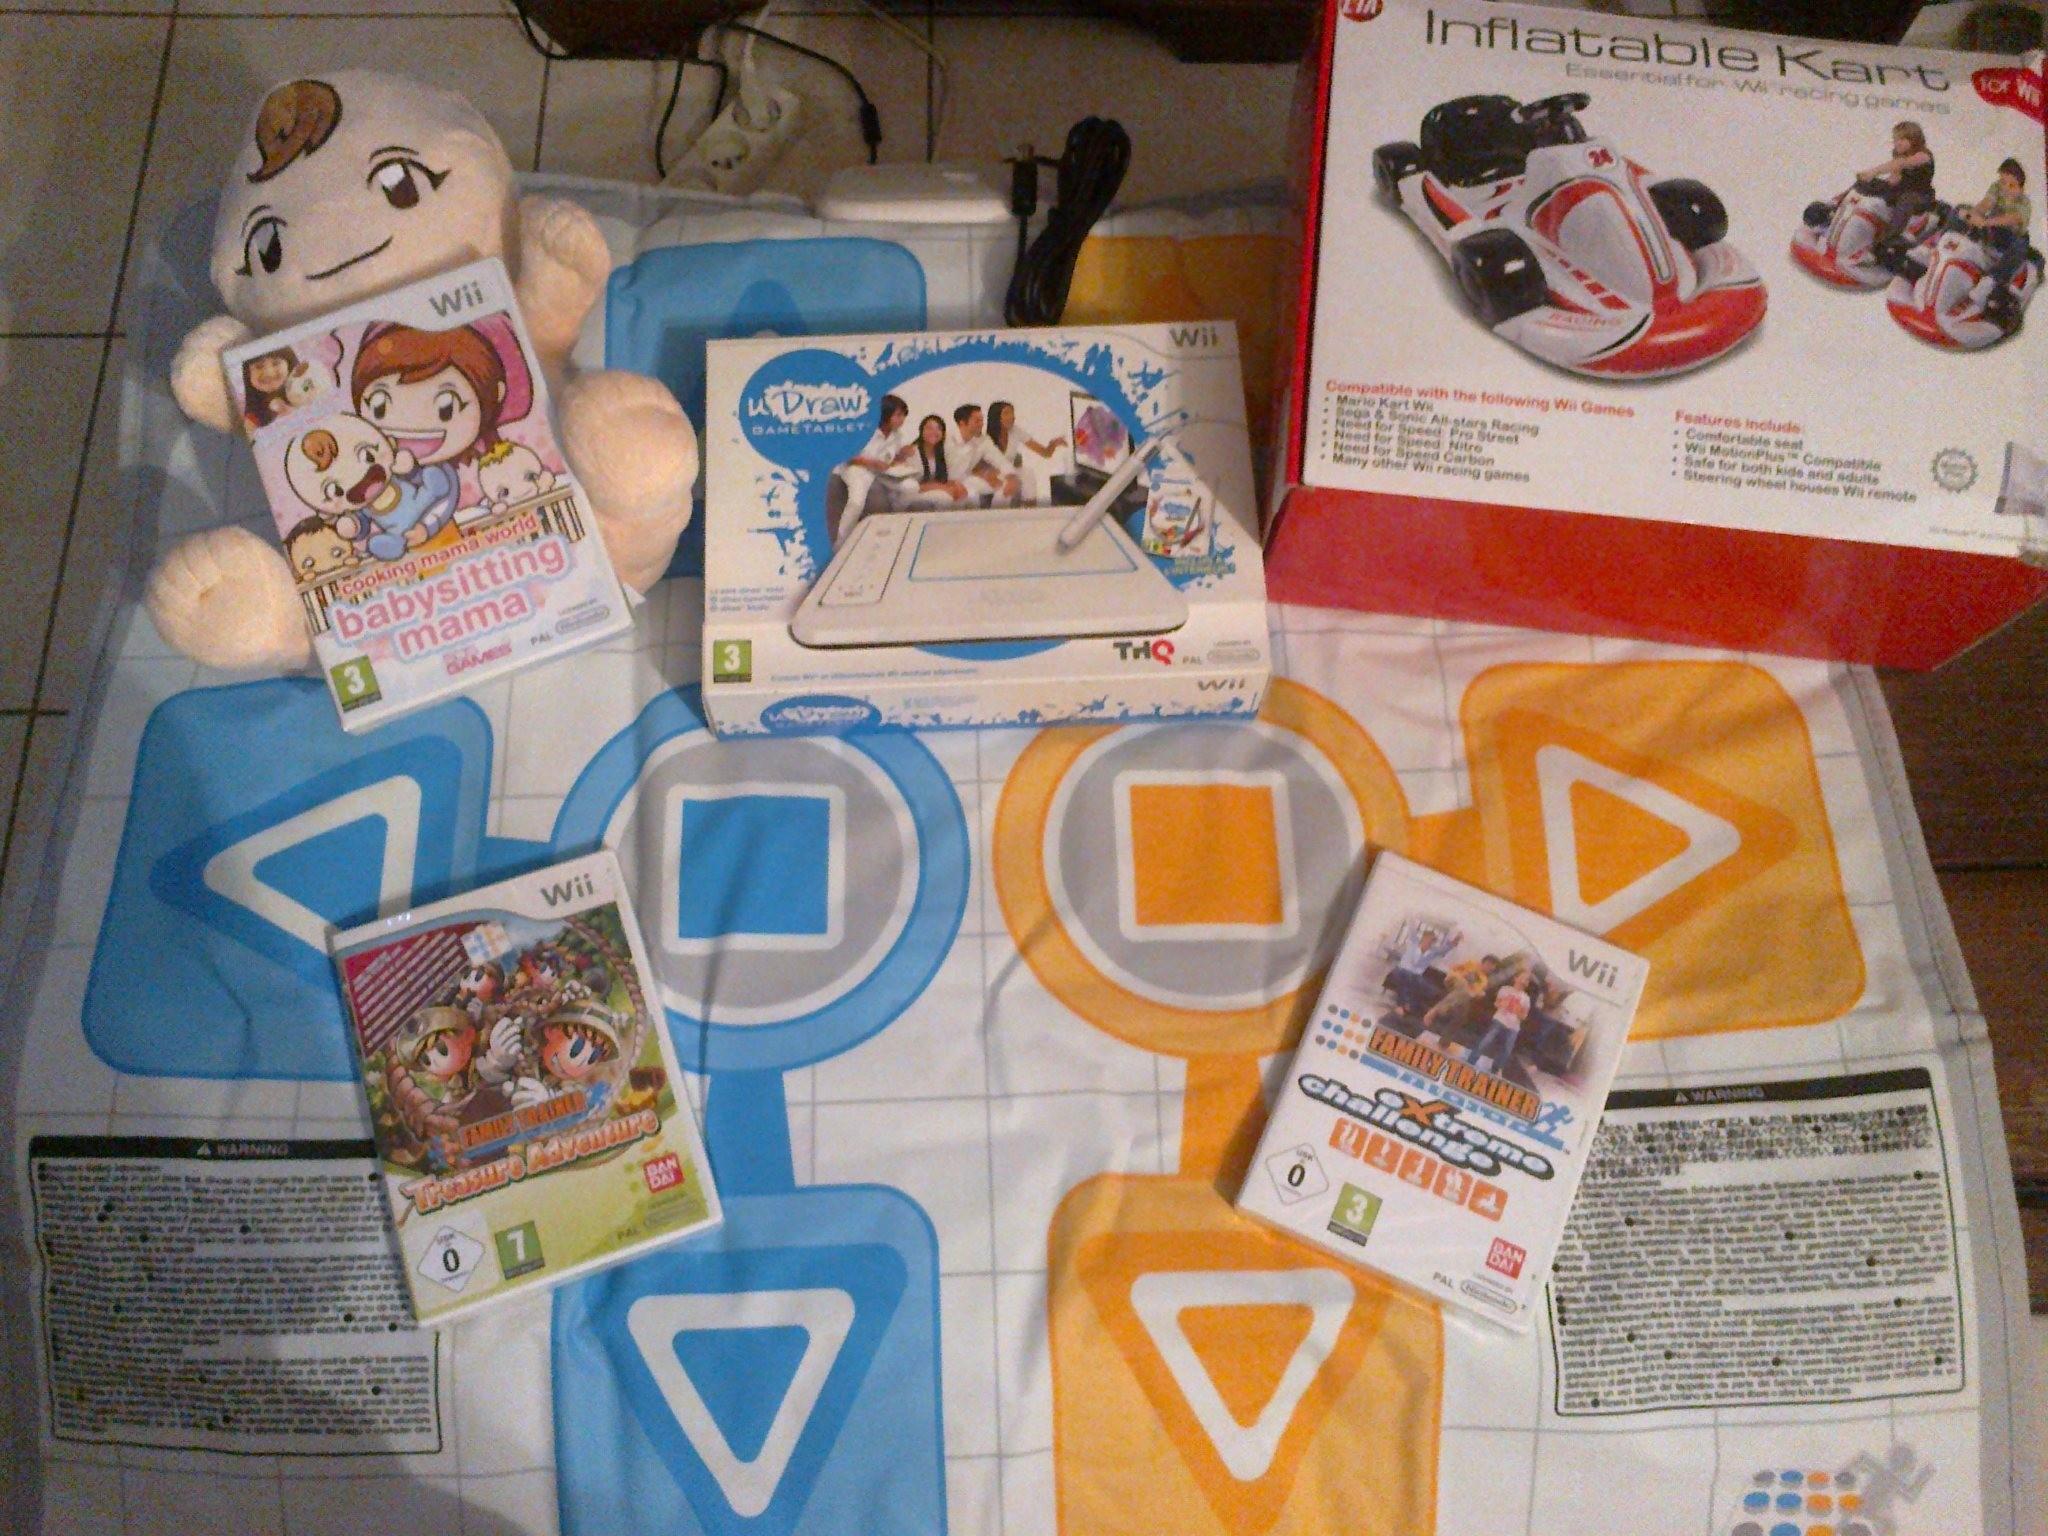 Ma Collection de Jeux vidéo Accessoire%20Wii%20bis2